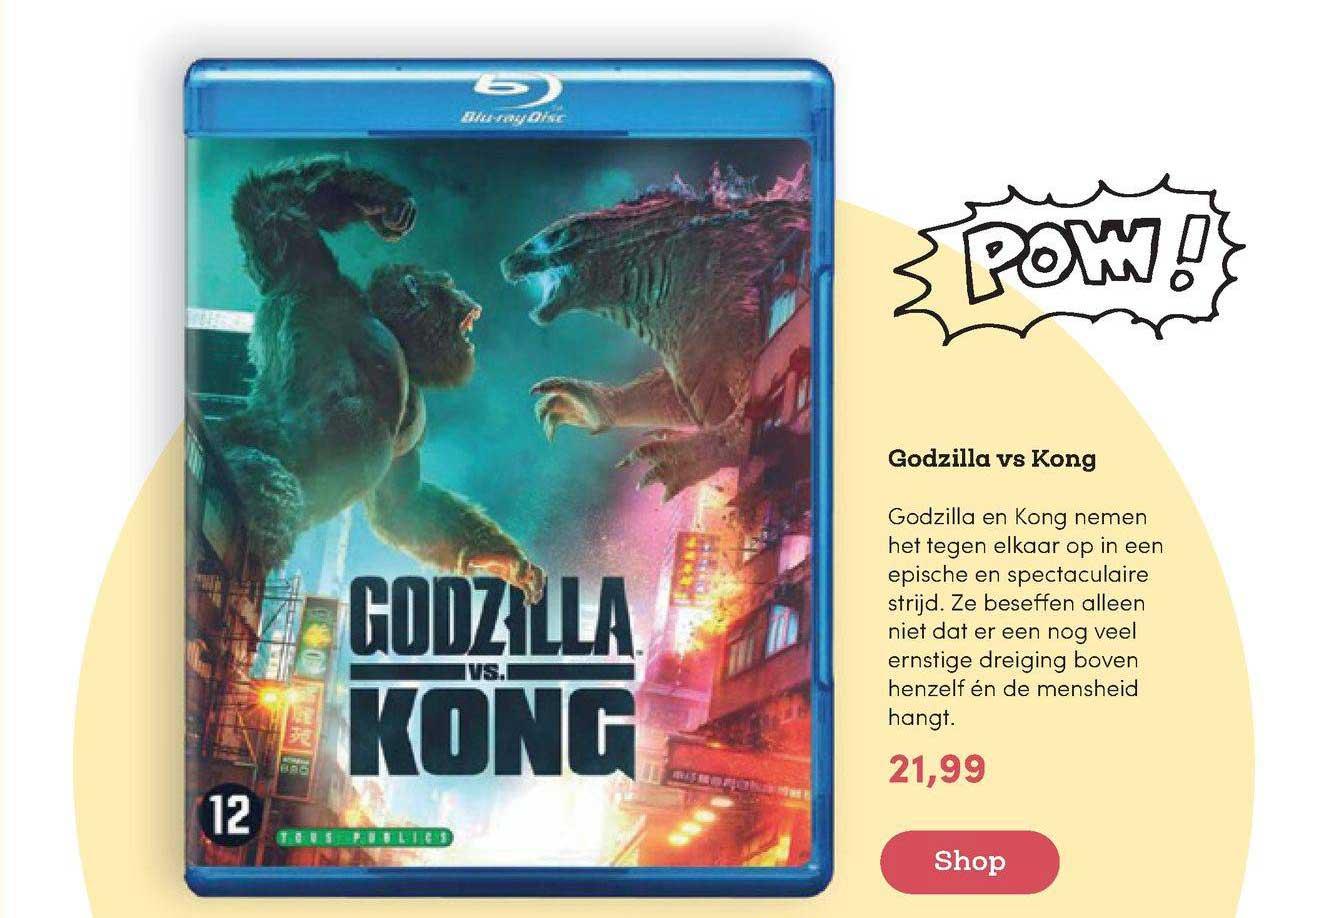 BookSpot Godzilla VS Kong